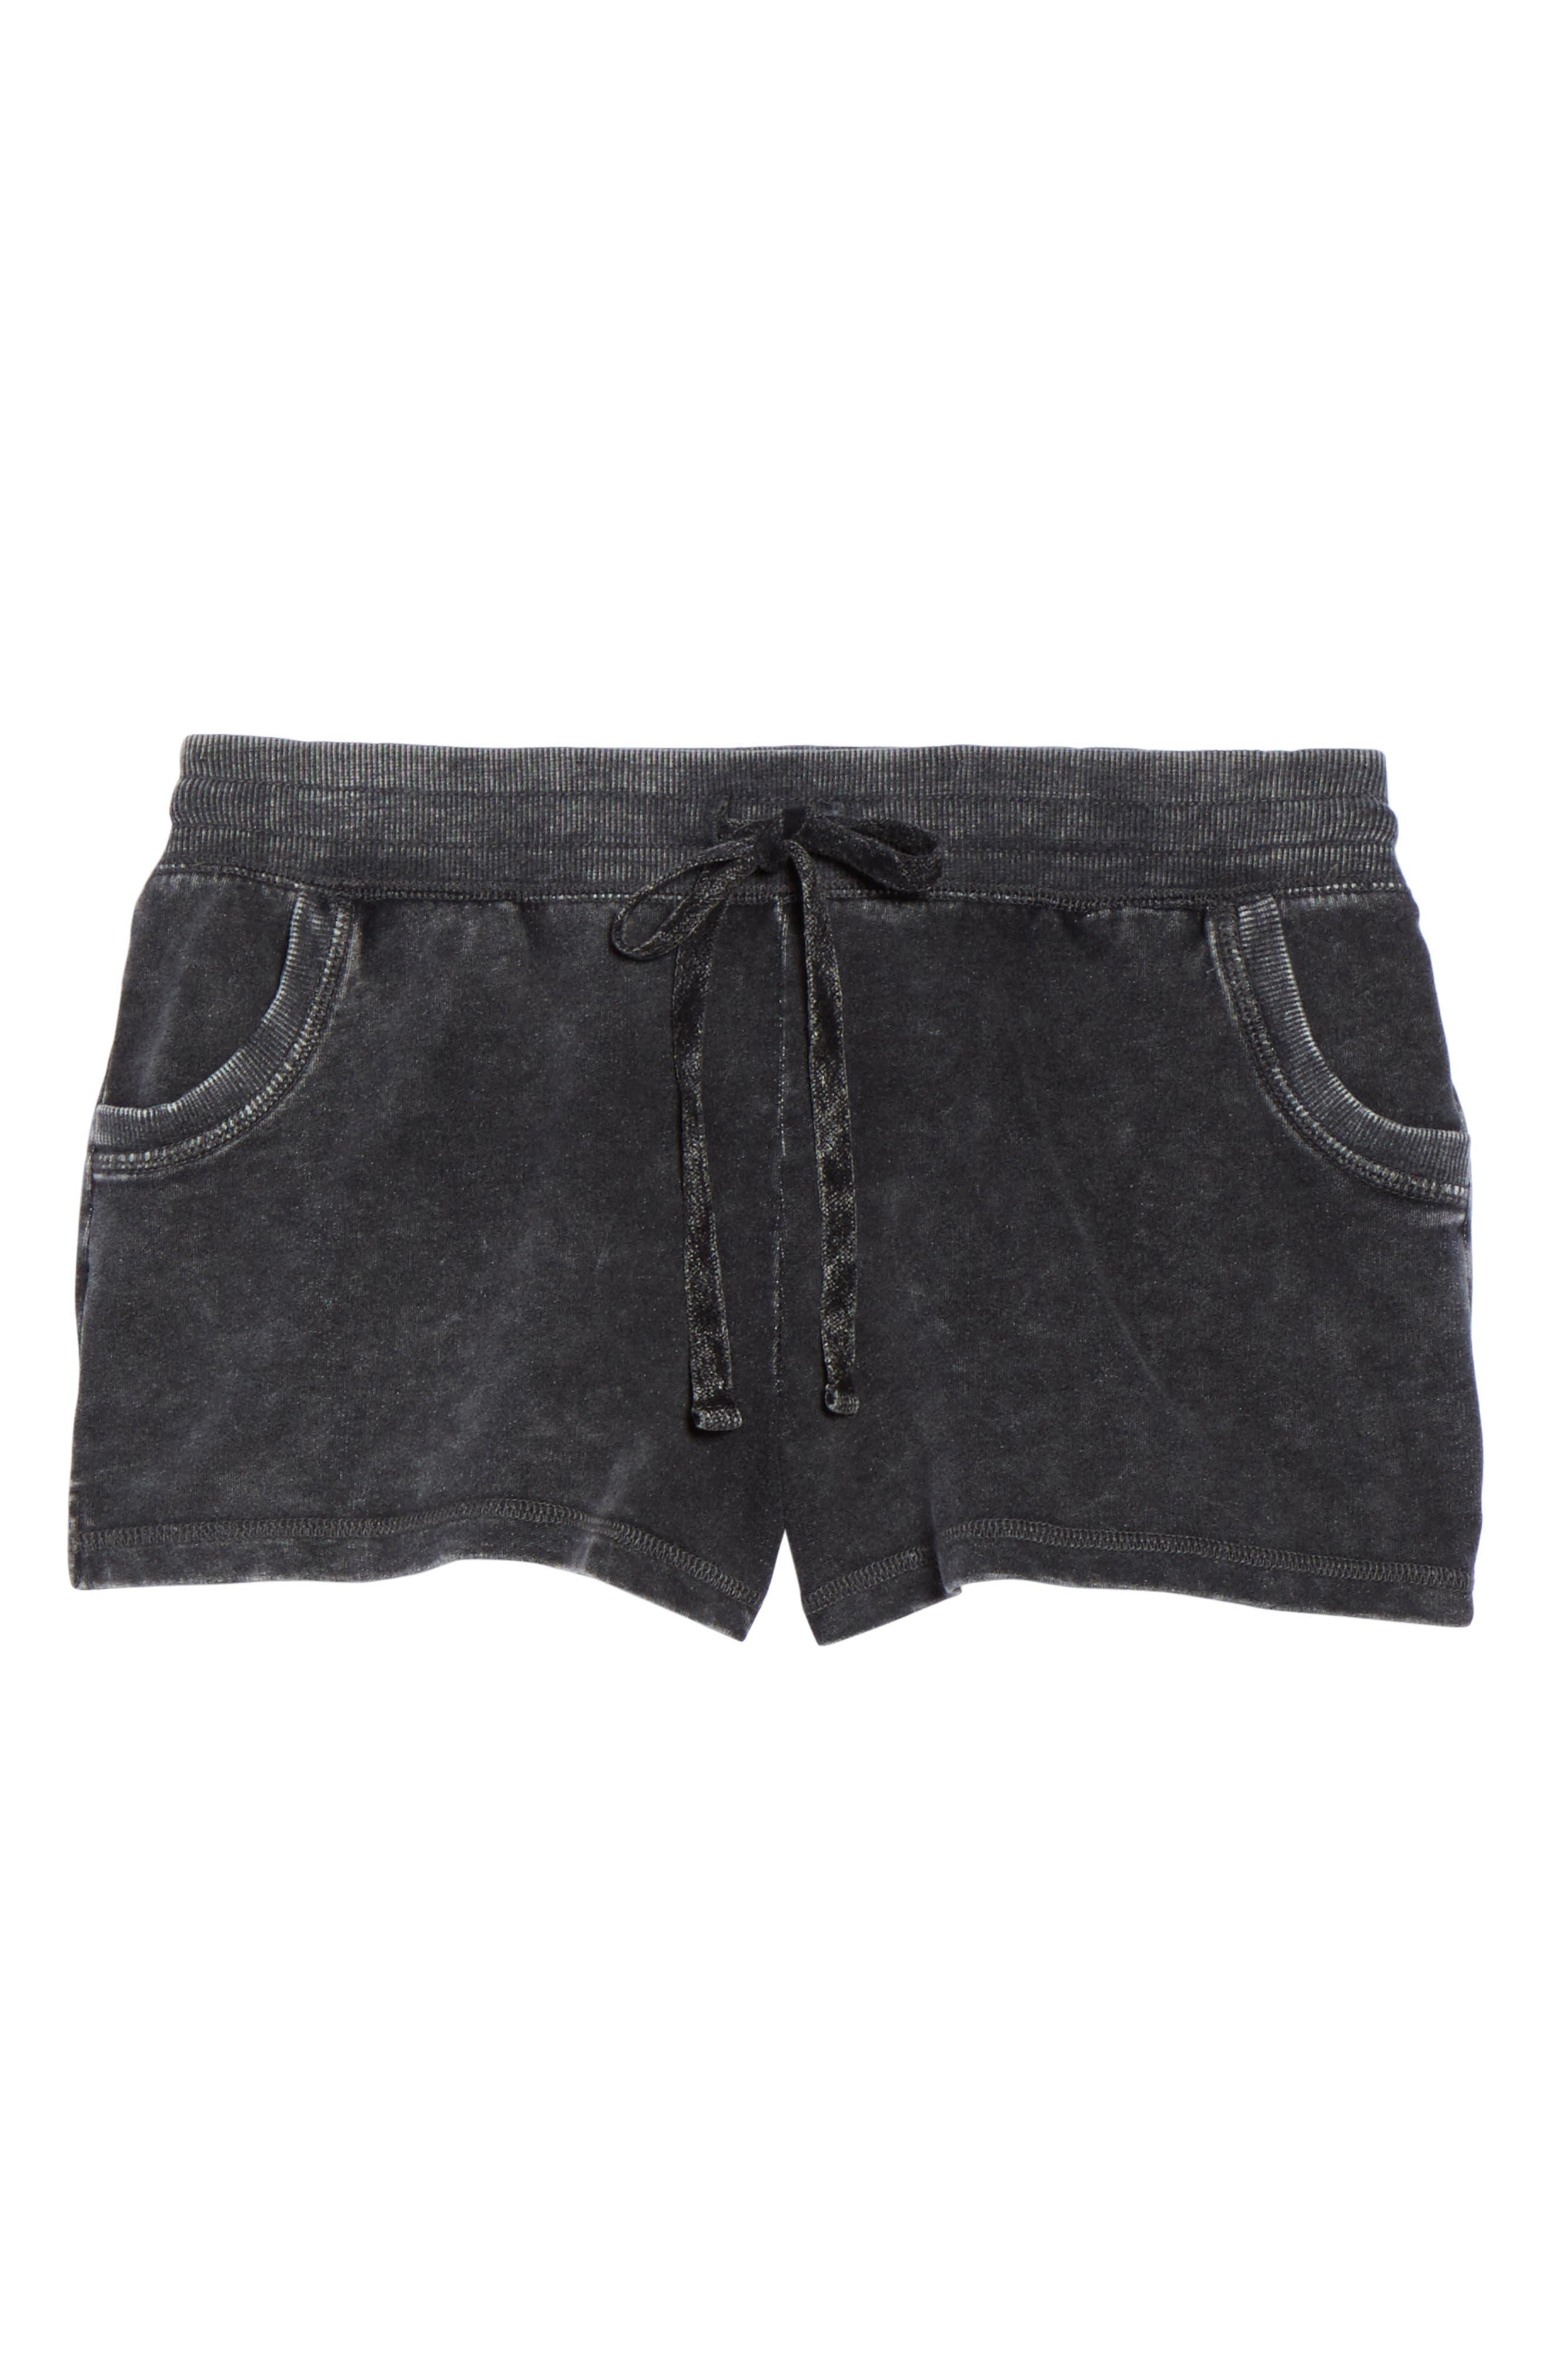 Lounge Shorts,                             Alternate thumbnail 4, color,                             Black